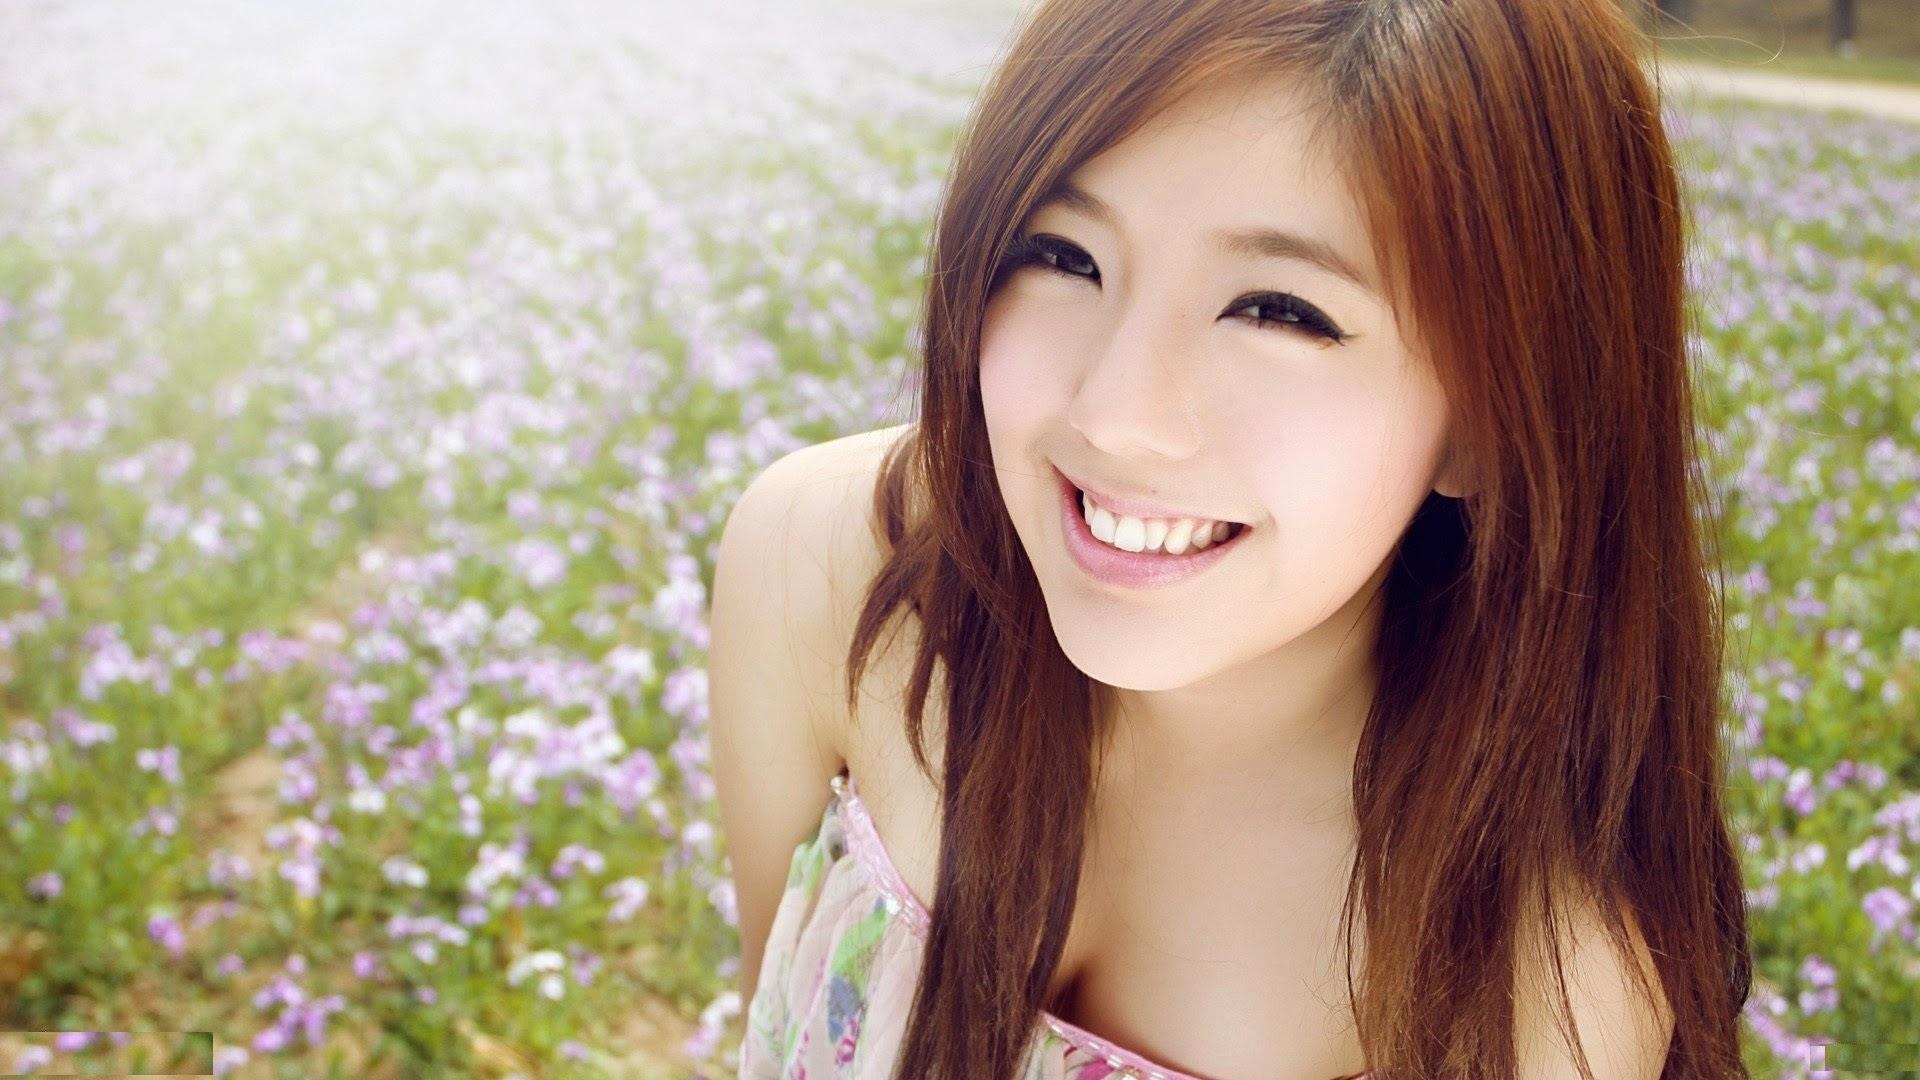 Ảnh gái đẹp 18